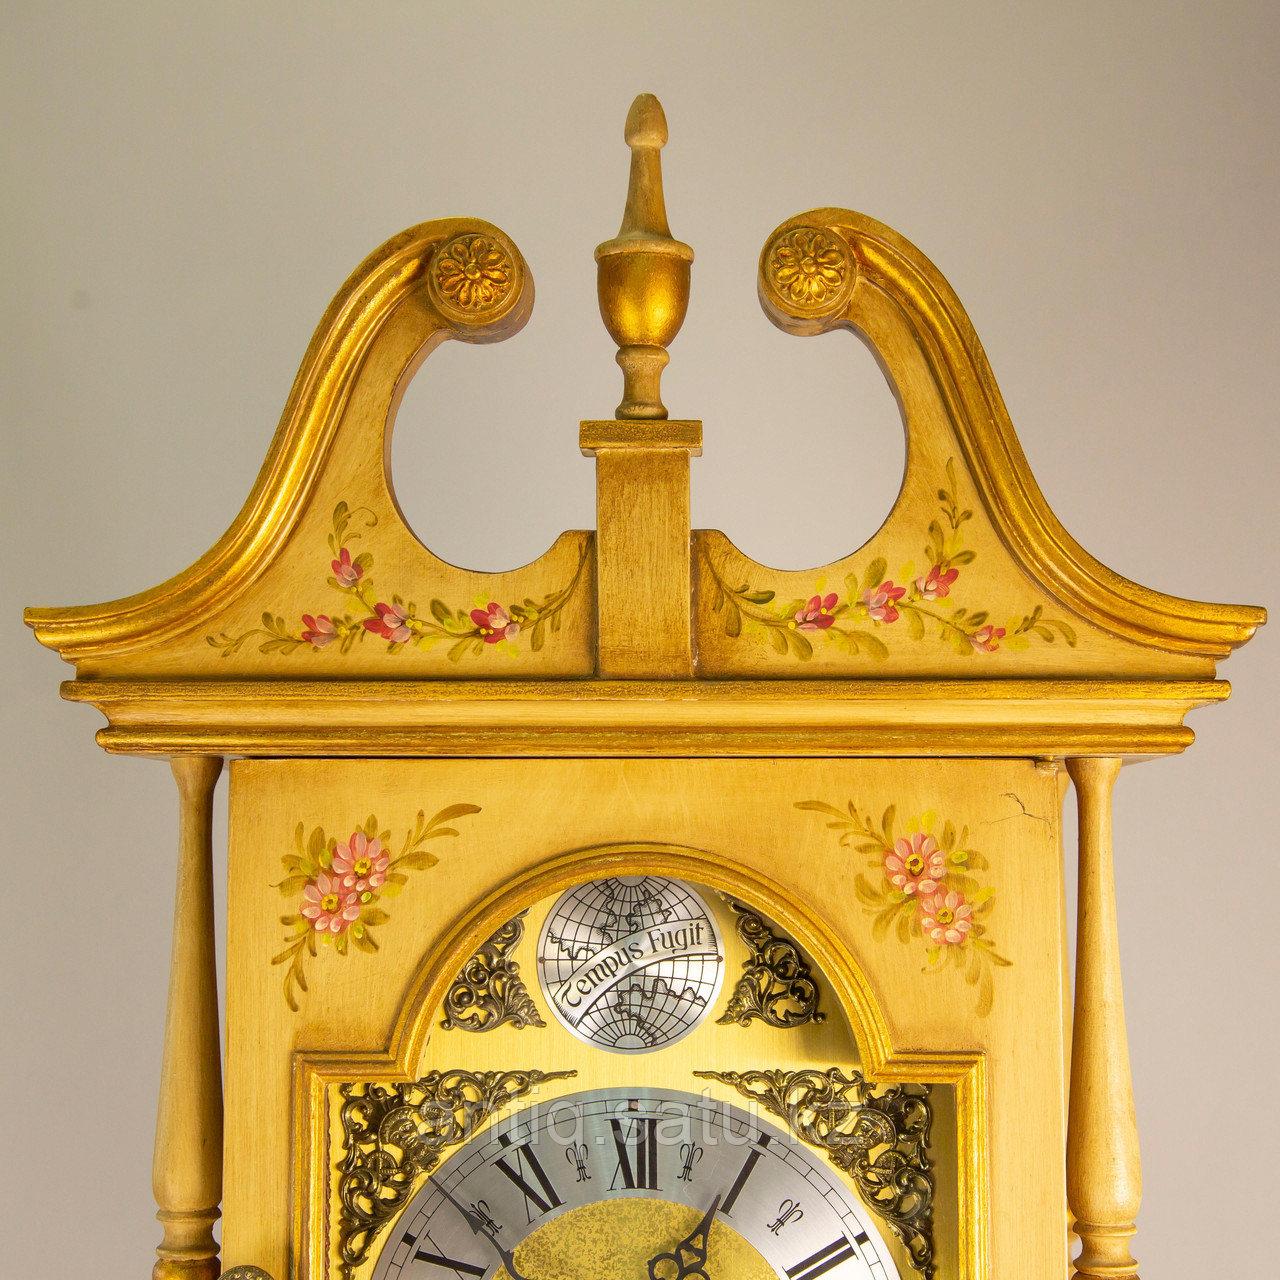 Напольные часы. Часовая мастерская Romanet Fabrik - фото 4